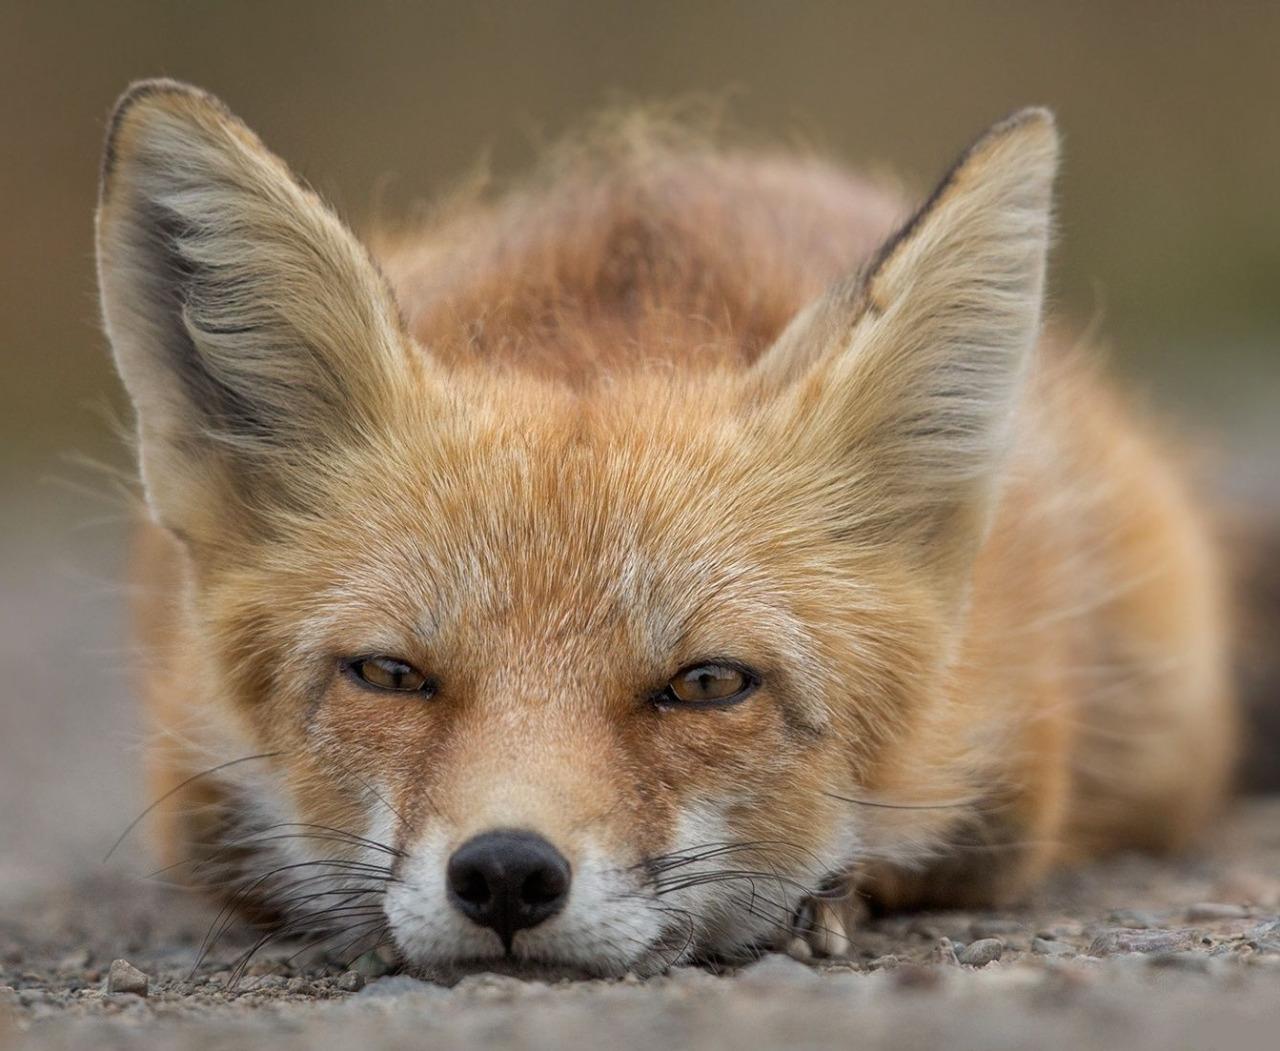 разрешения картинка лисы а не колобок ли ты часом была впечатлена